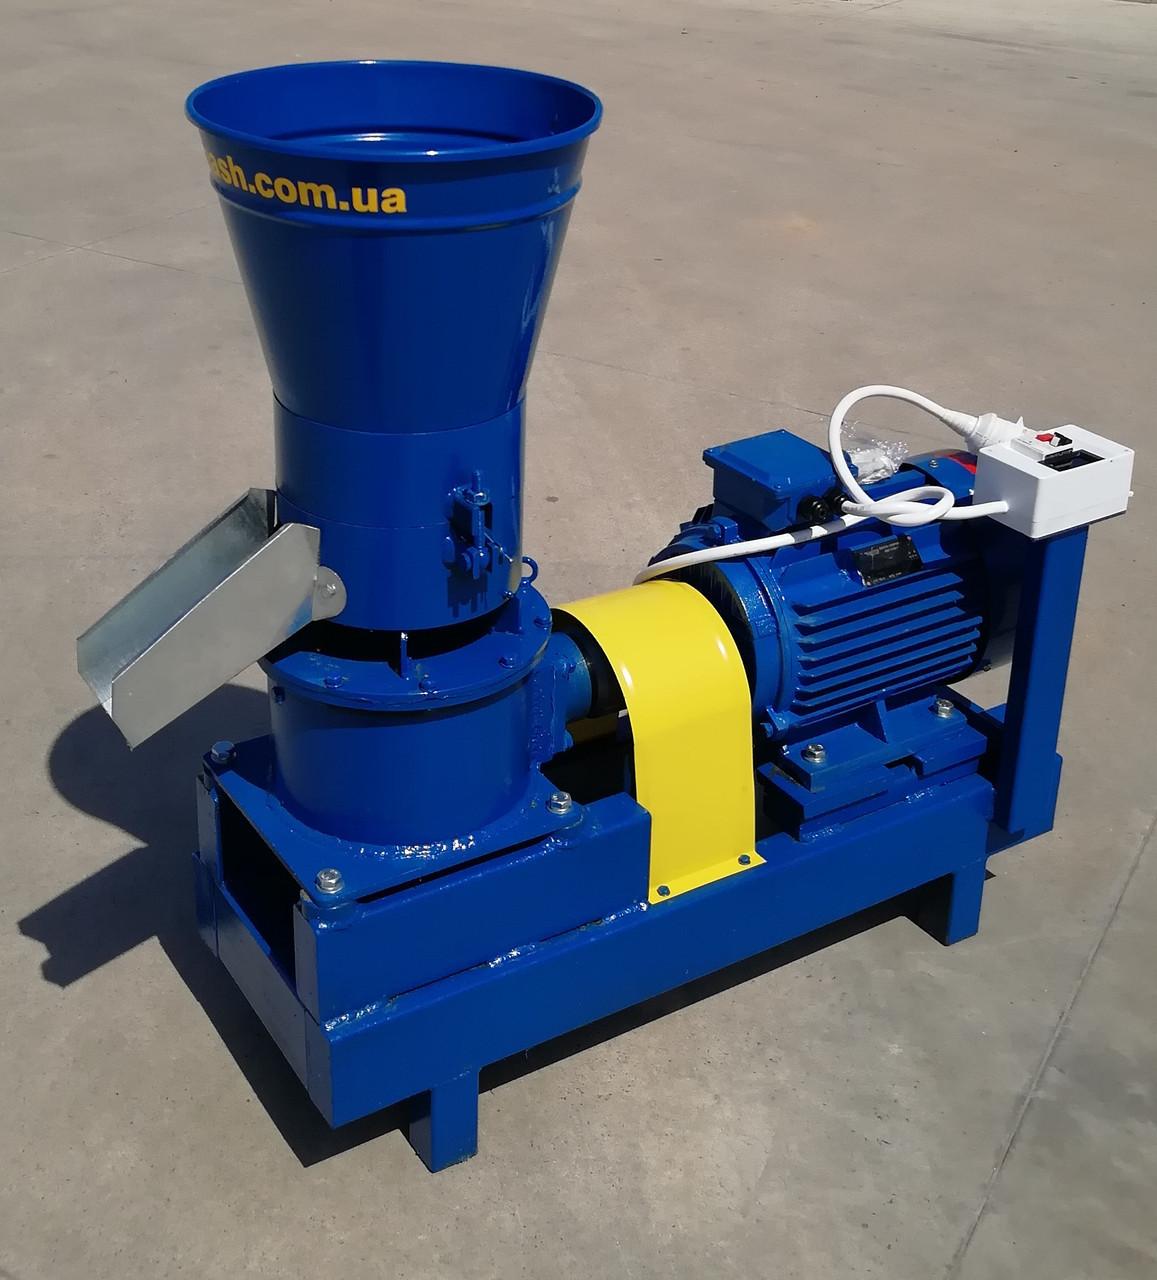 Гранулятор пеллет 380 В,11 кВт, 1500 об/мин без двигателя